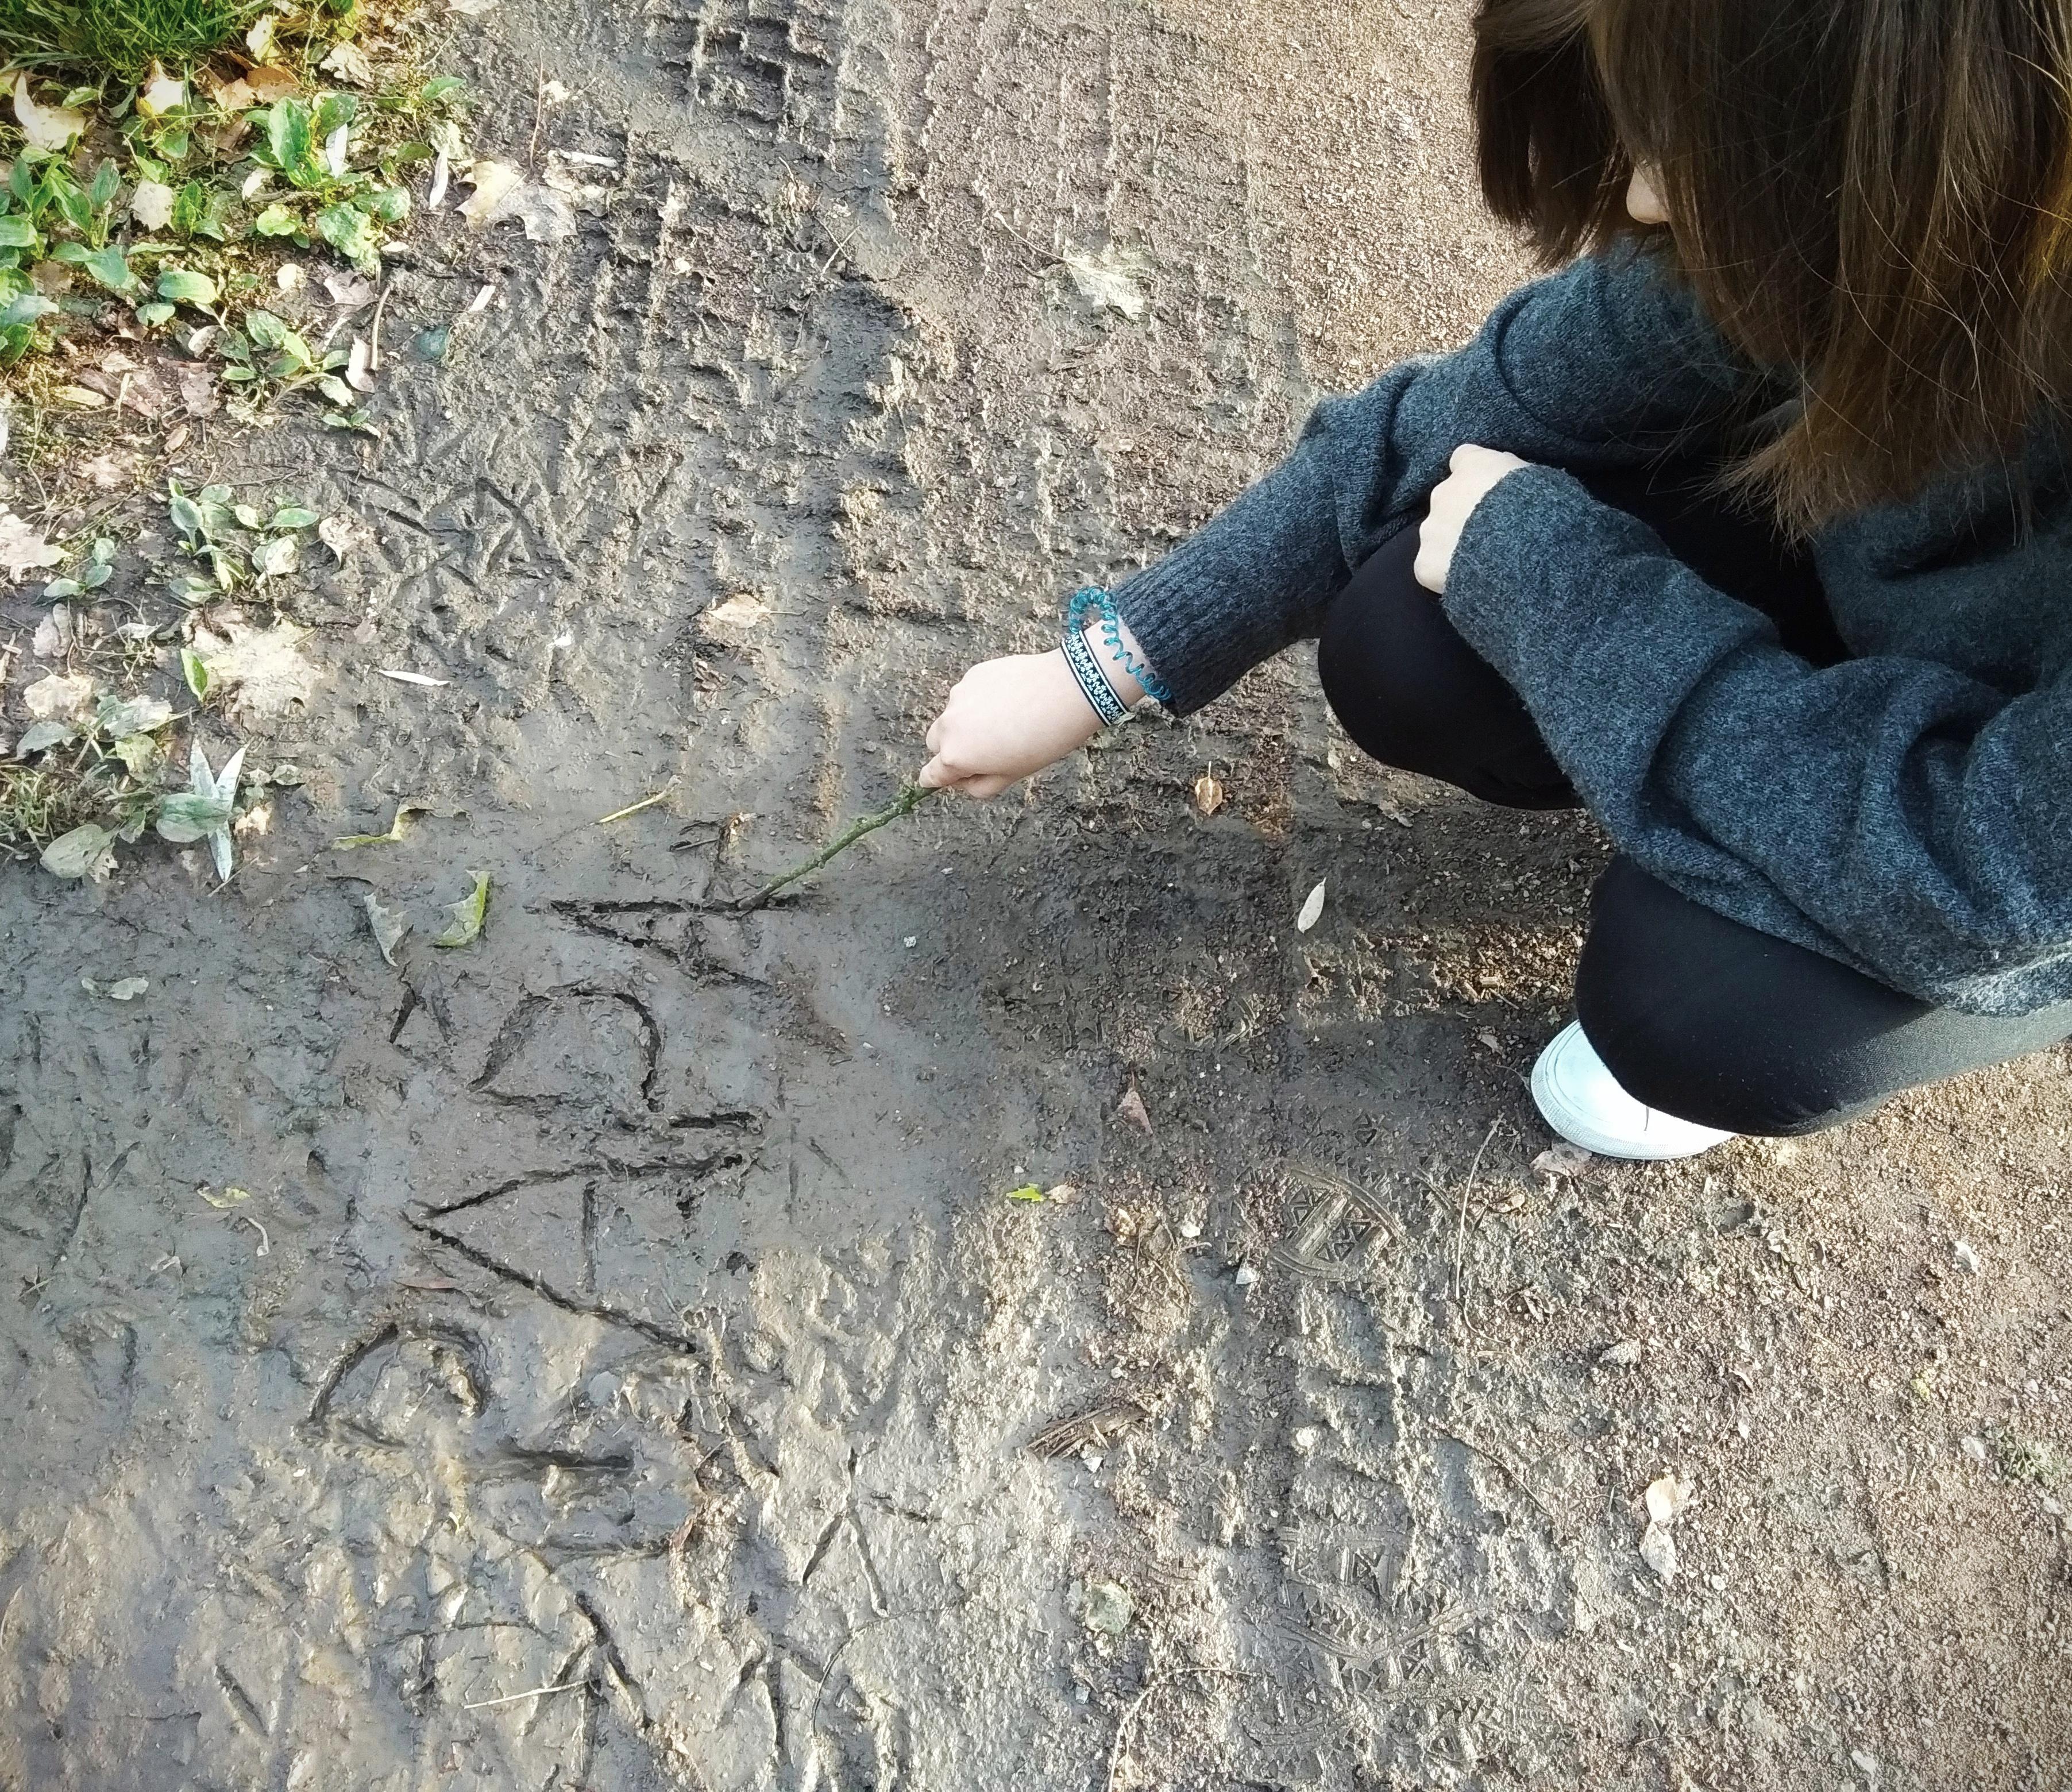 Young Carer, Junge pflegende, ZQB Report, Lana Rebhan, psychisch kranker Eltern, schwer kranker Eltern